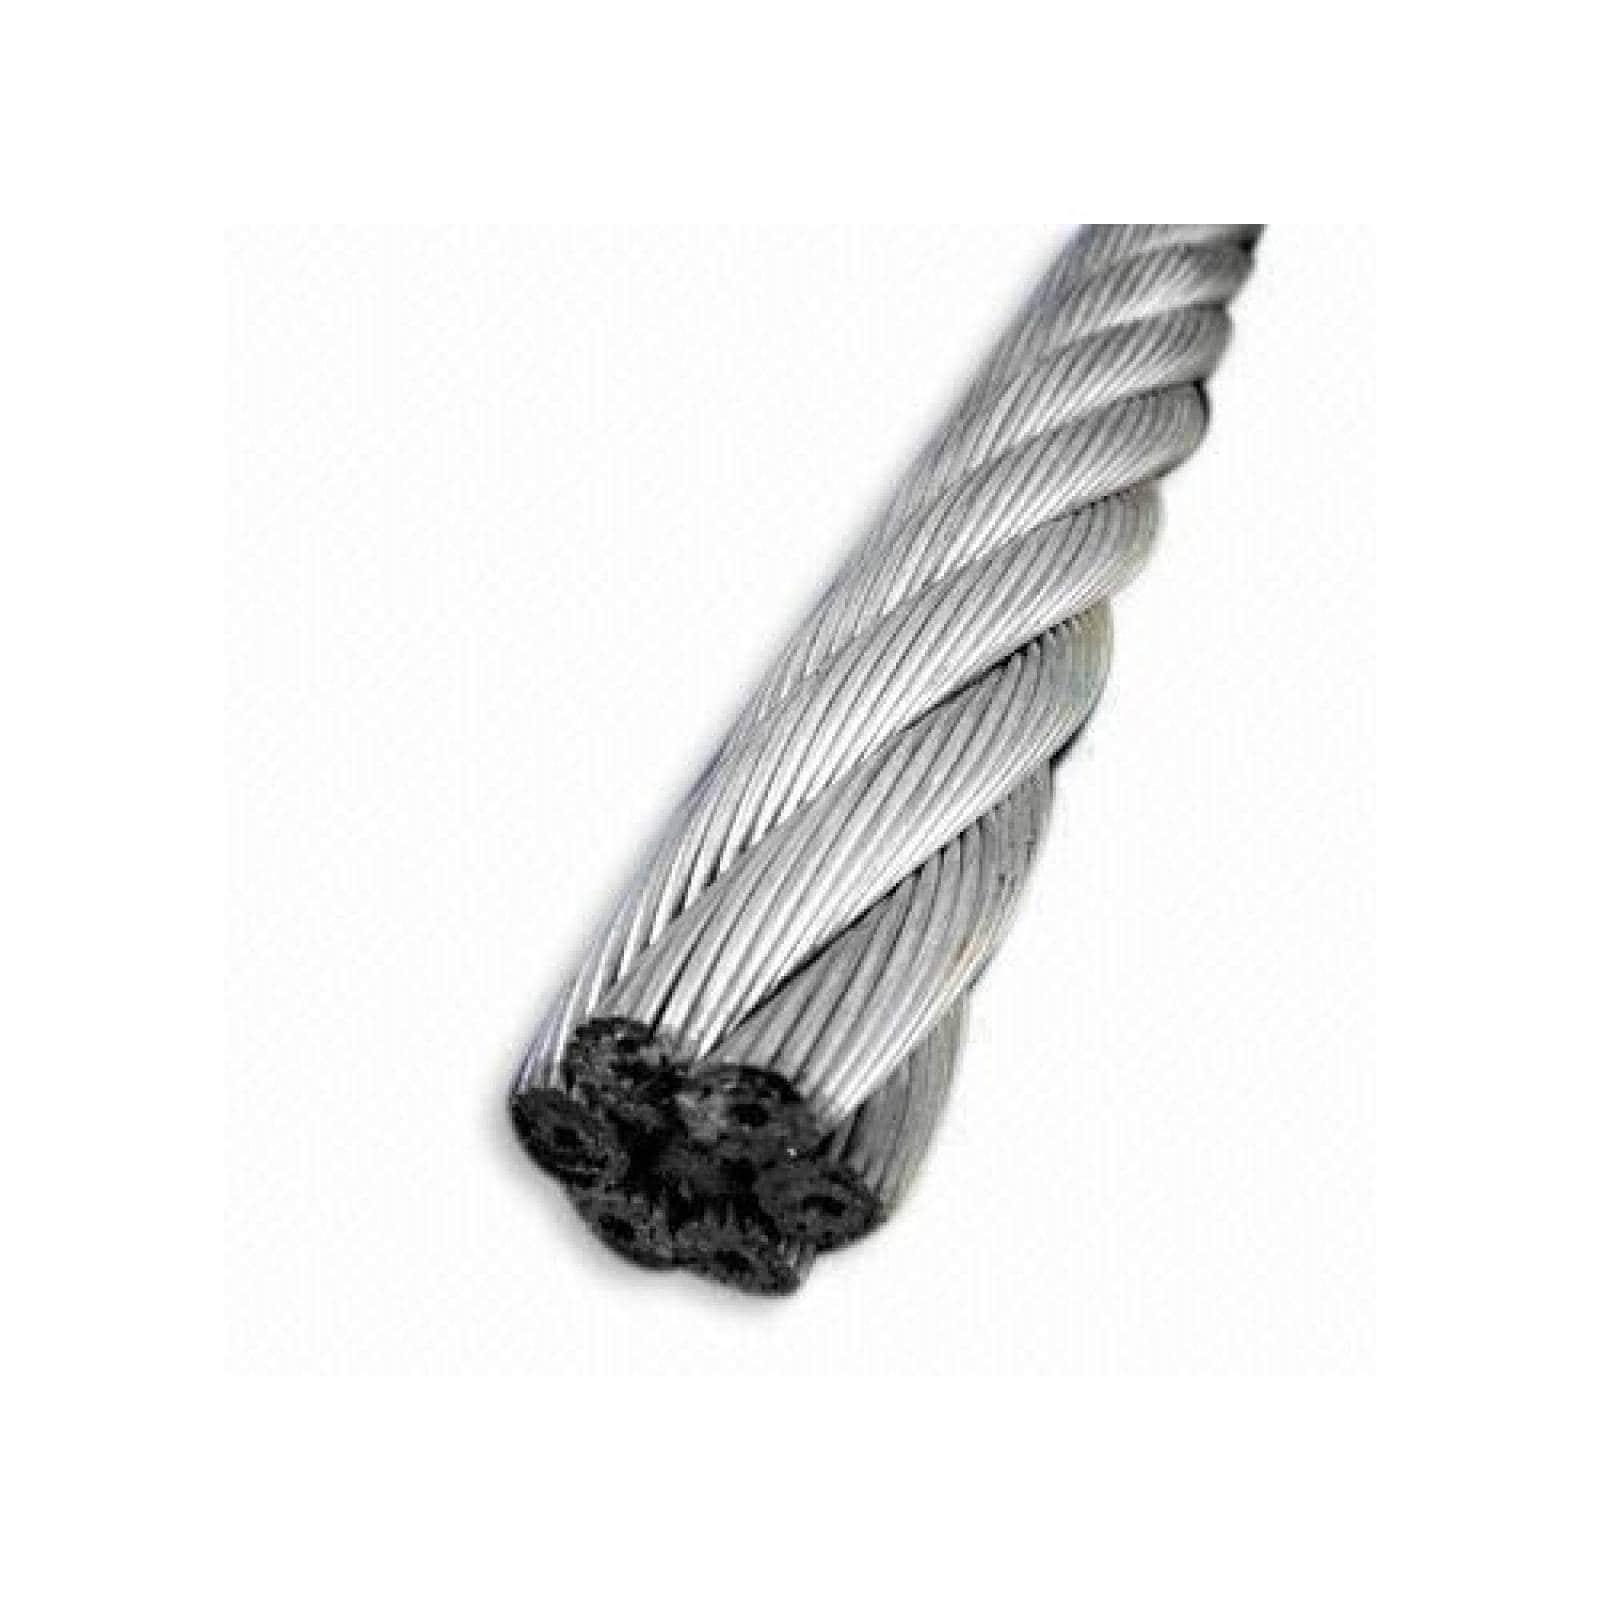 Cable de Acero Galvanizado en Rollo 7X7 3/8 y 75 Metros OBI